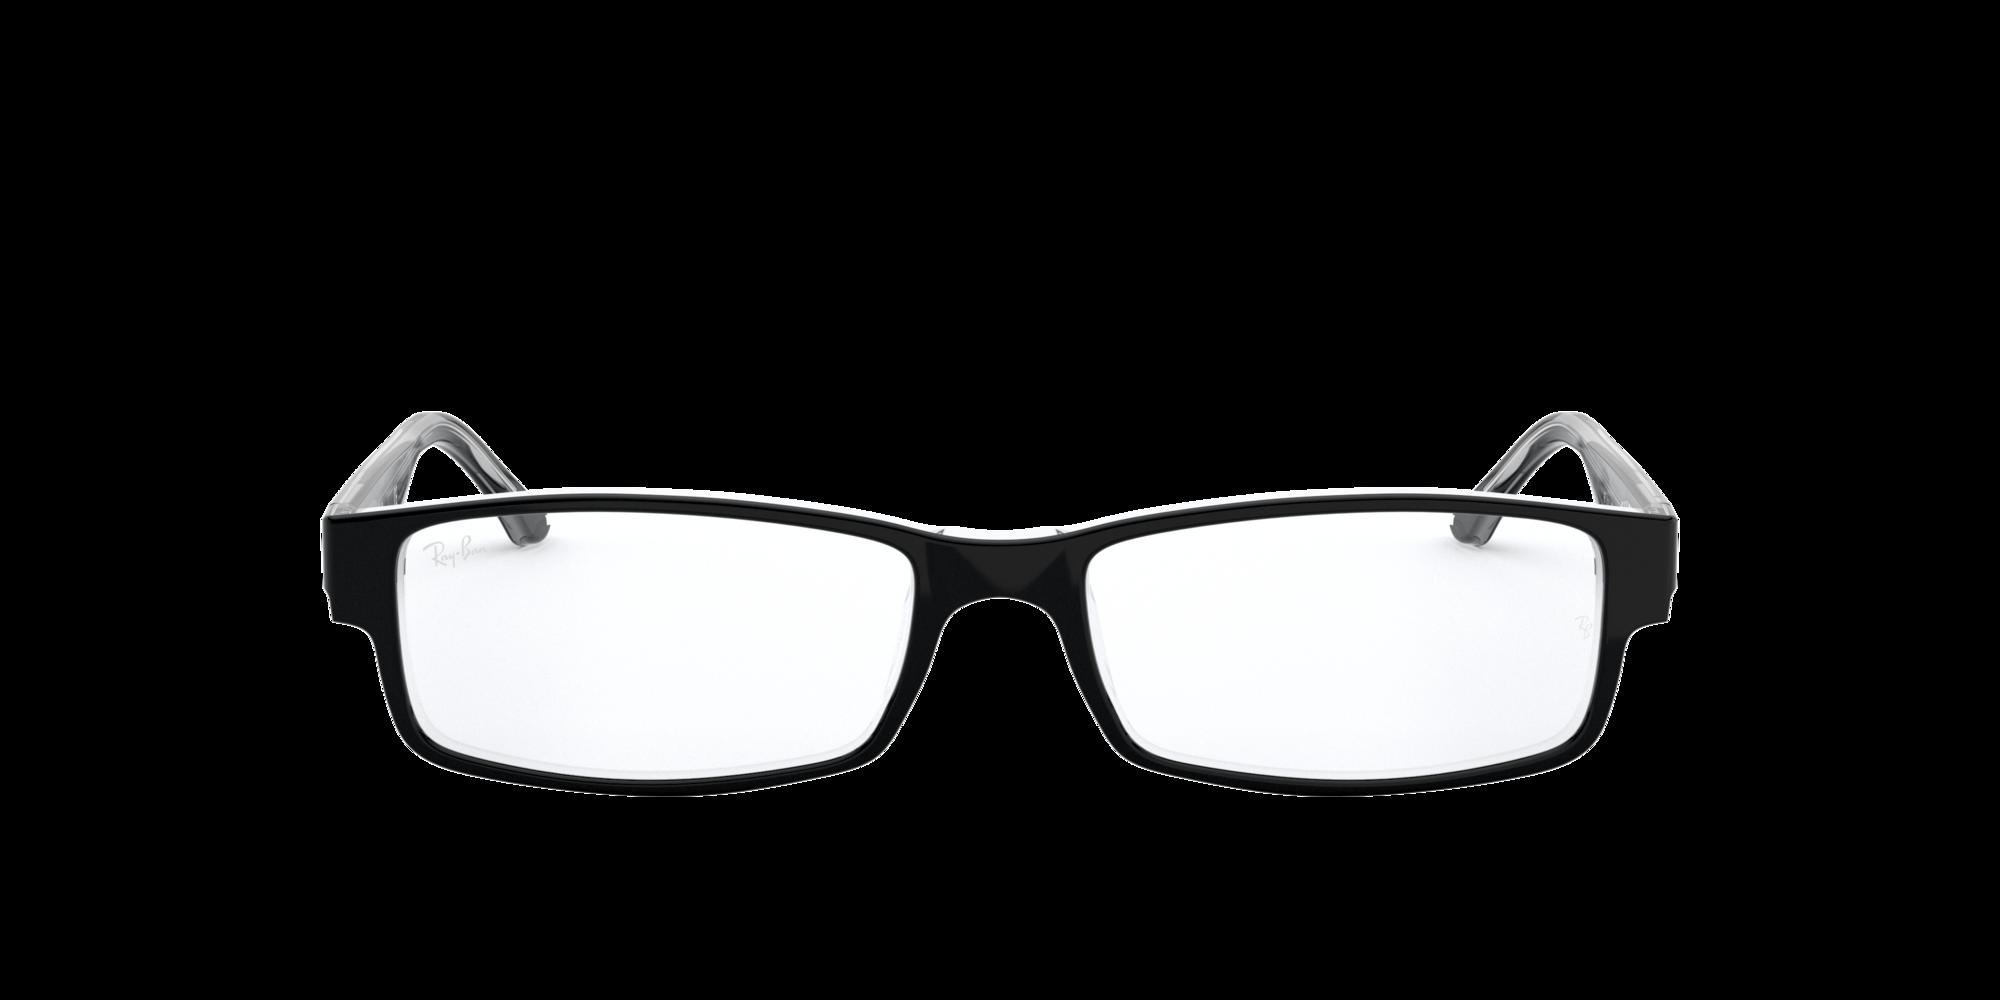 Imagen para RX5114 de LensCrafters |  Espejuelos, espejuelos graduados en línea, gafas